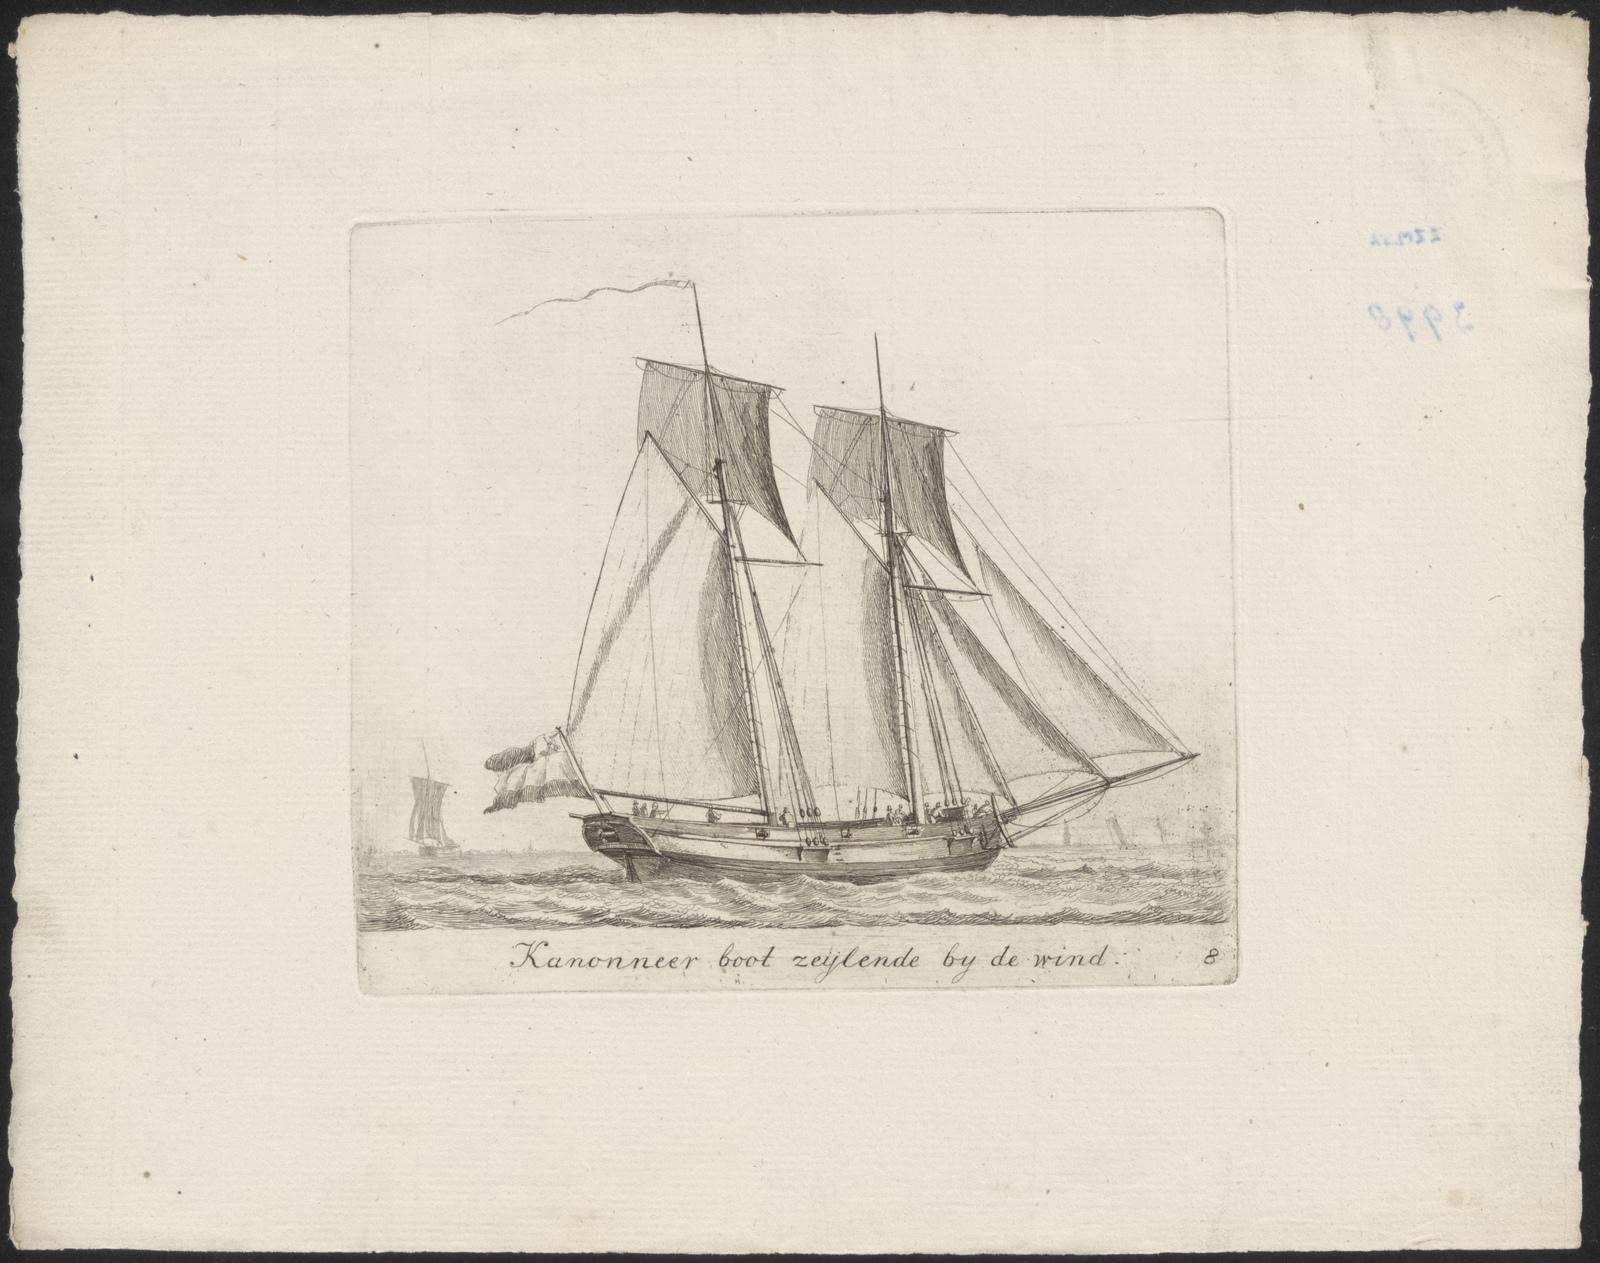 Kanonneer boot zeijende by de wind